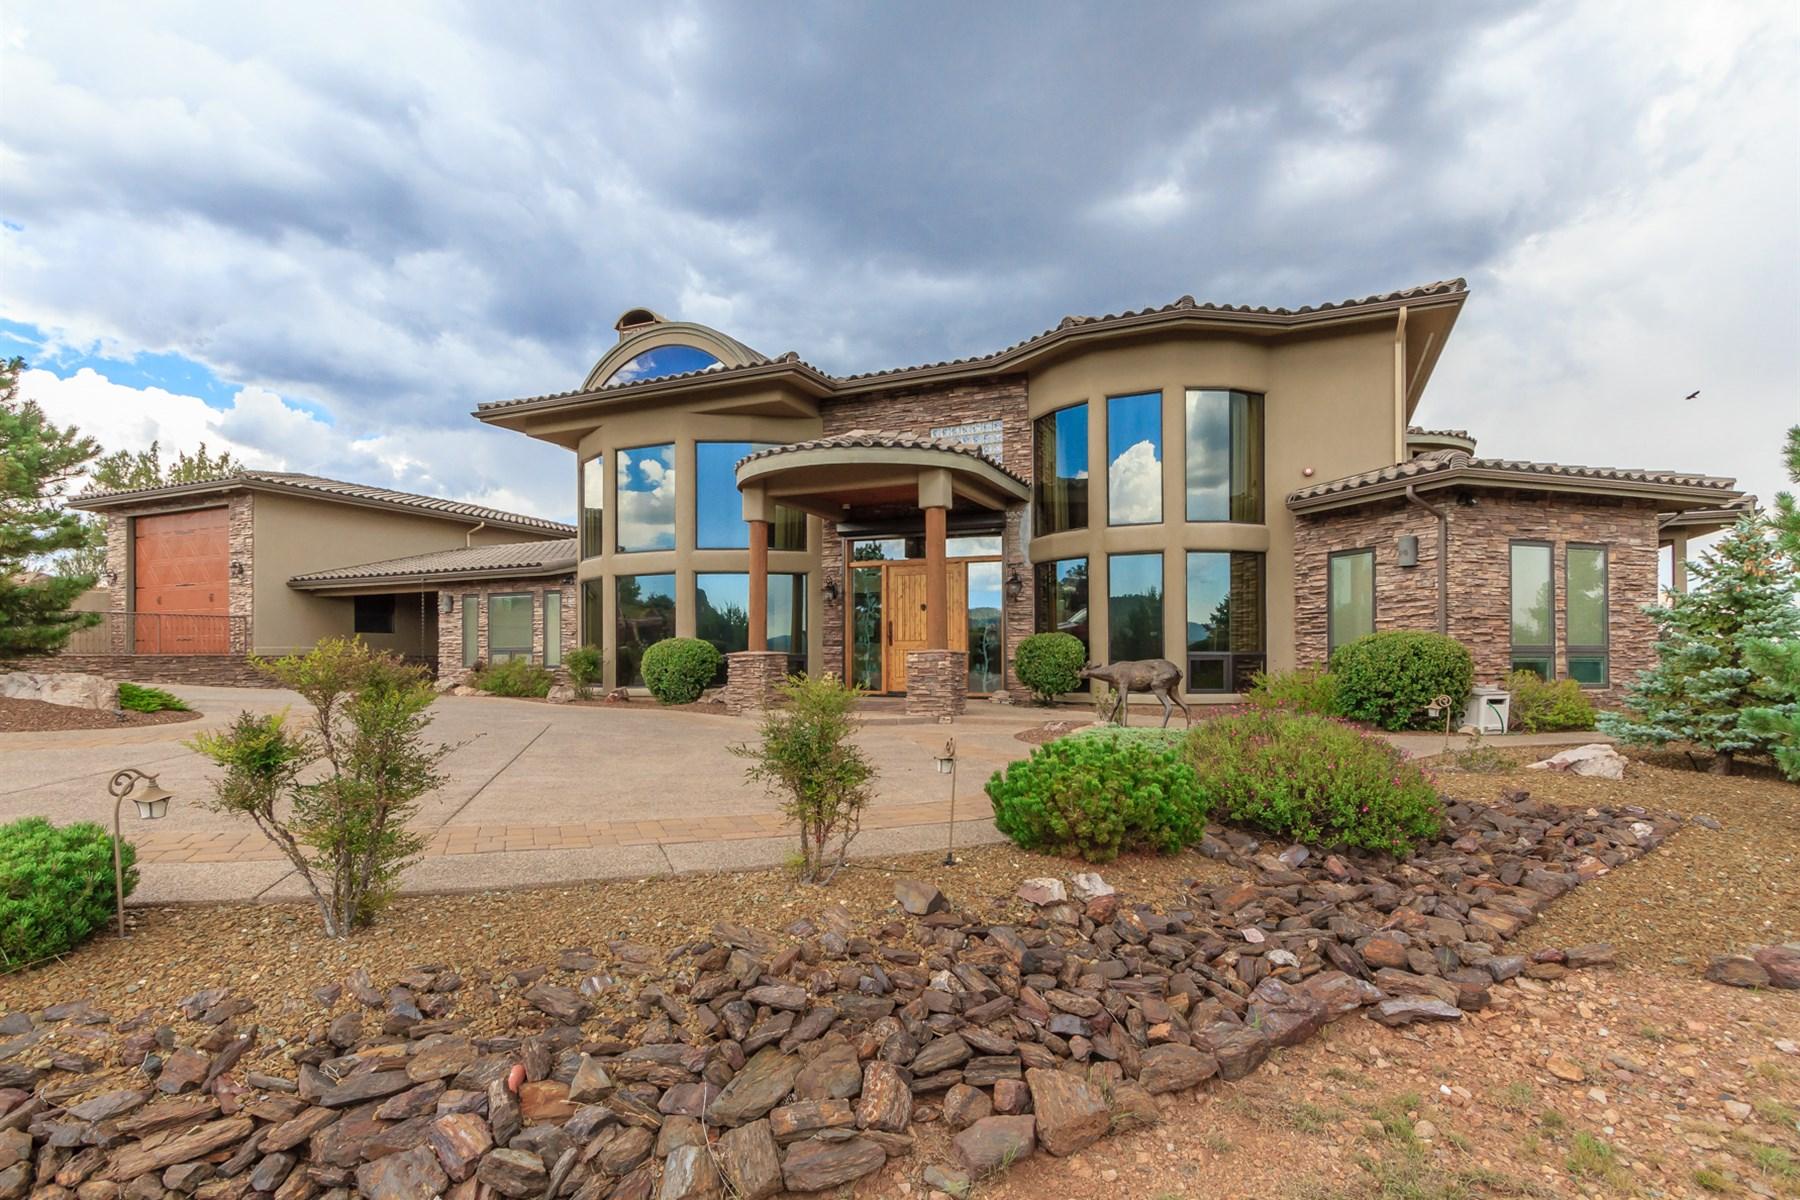 Einfamilienhaus für Verkauf beim Magnificant custom home near the highest point in forest trails 2004 PROMONTORY Prescott, Arizona, 86305 Vereinigte Staaten